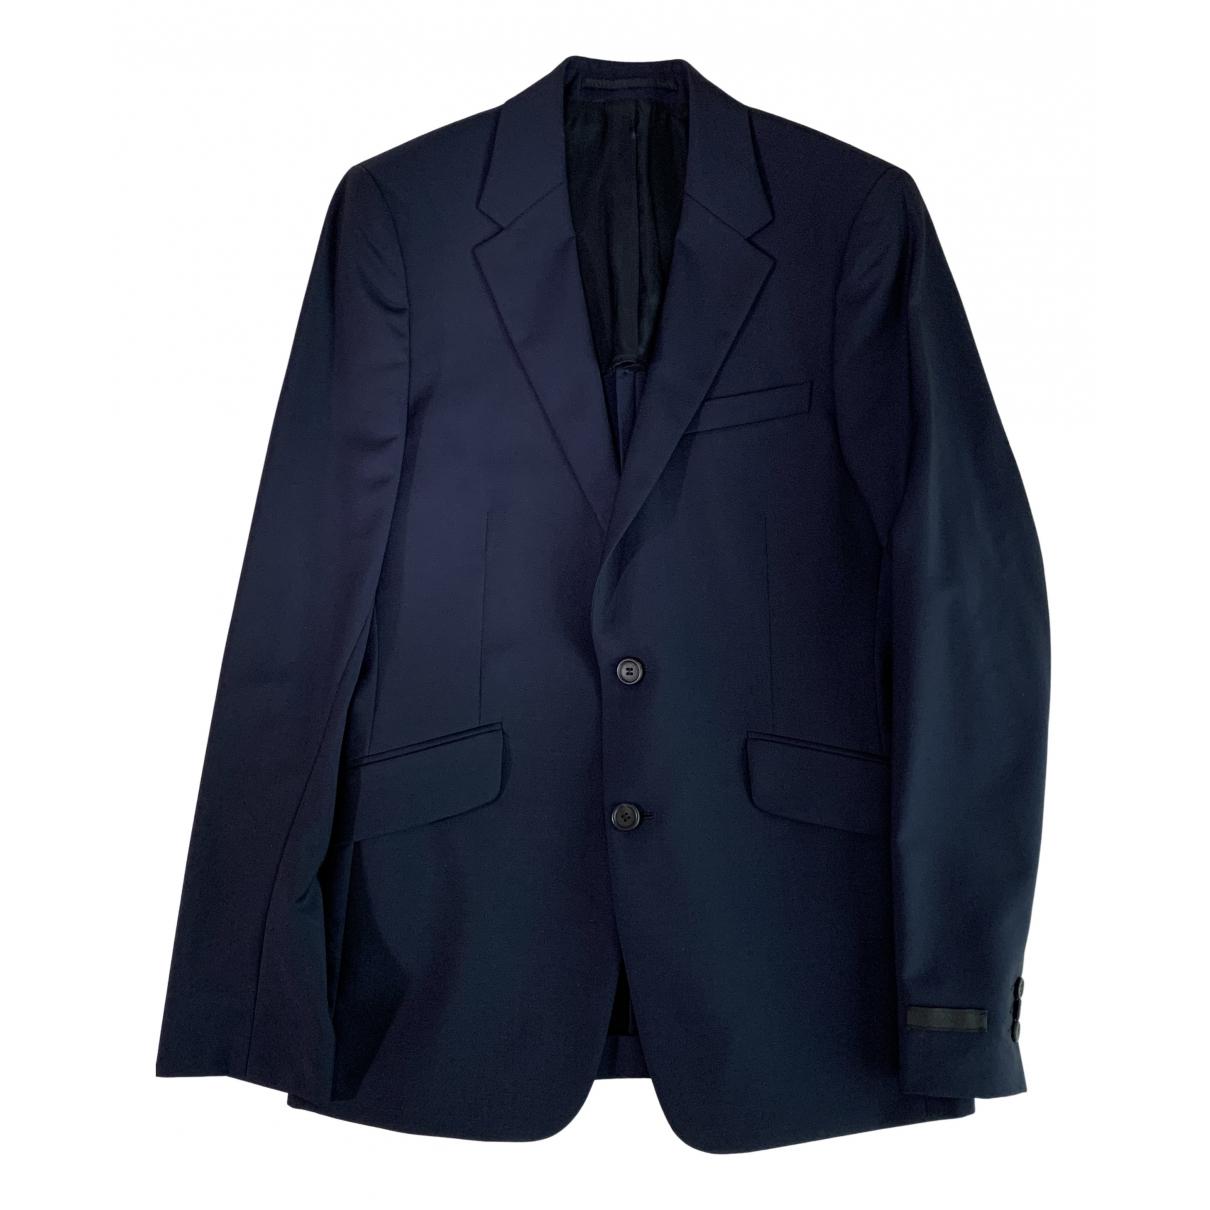 Prada - Vestes.Blousons   pour homme en coton - bleu